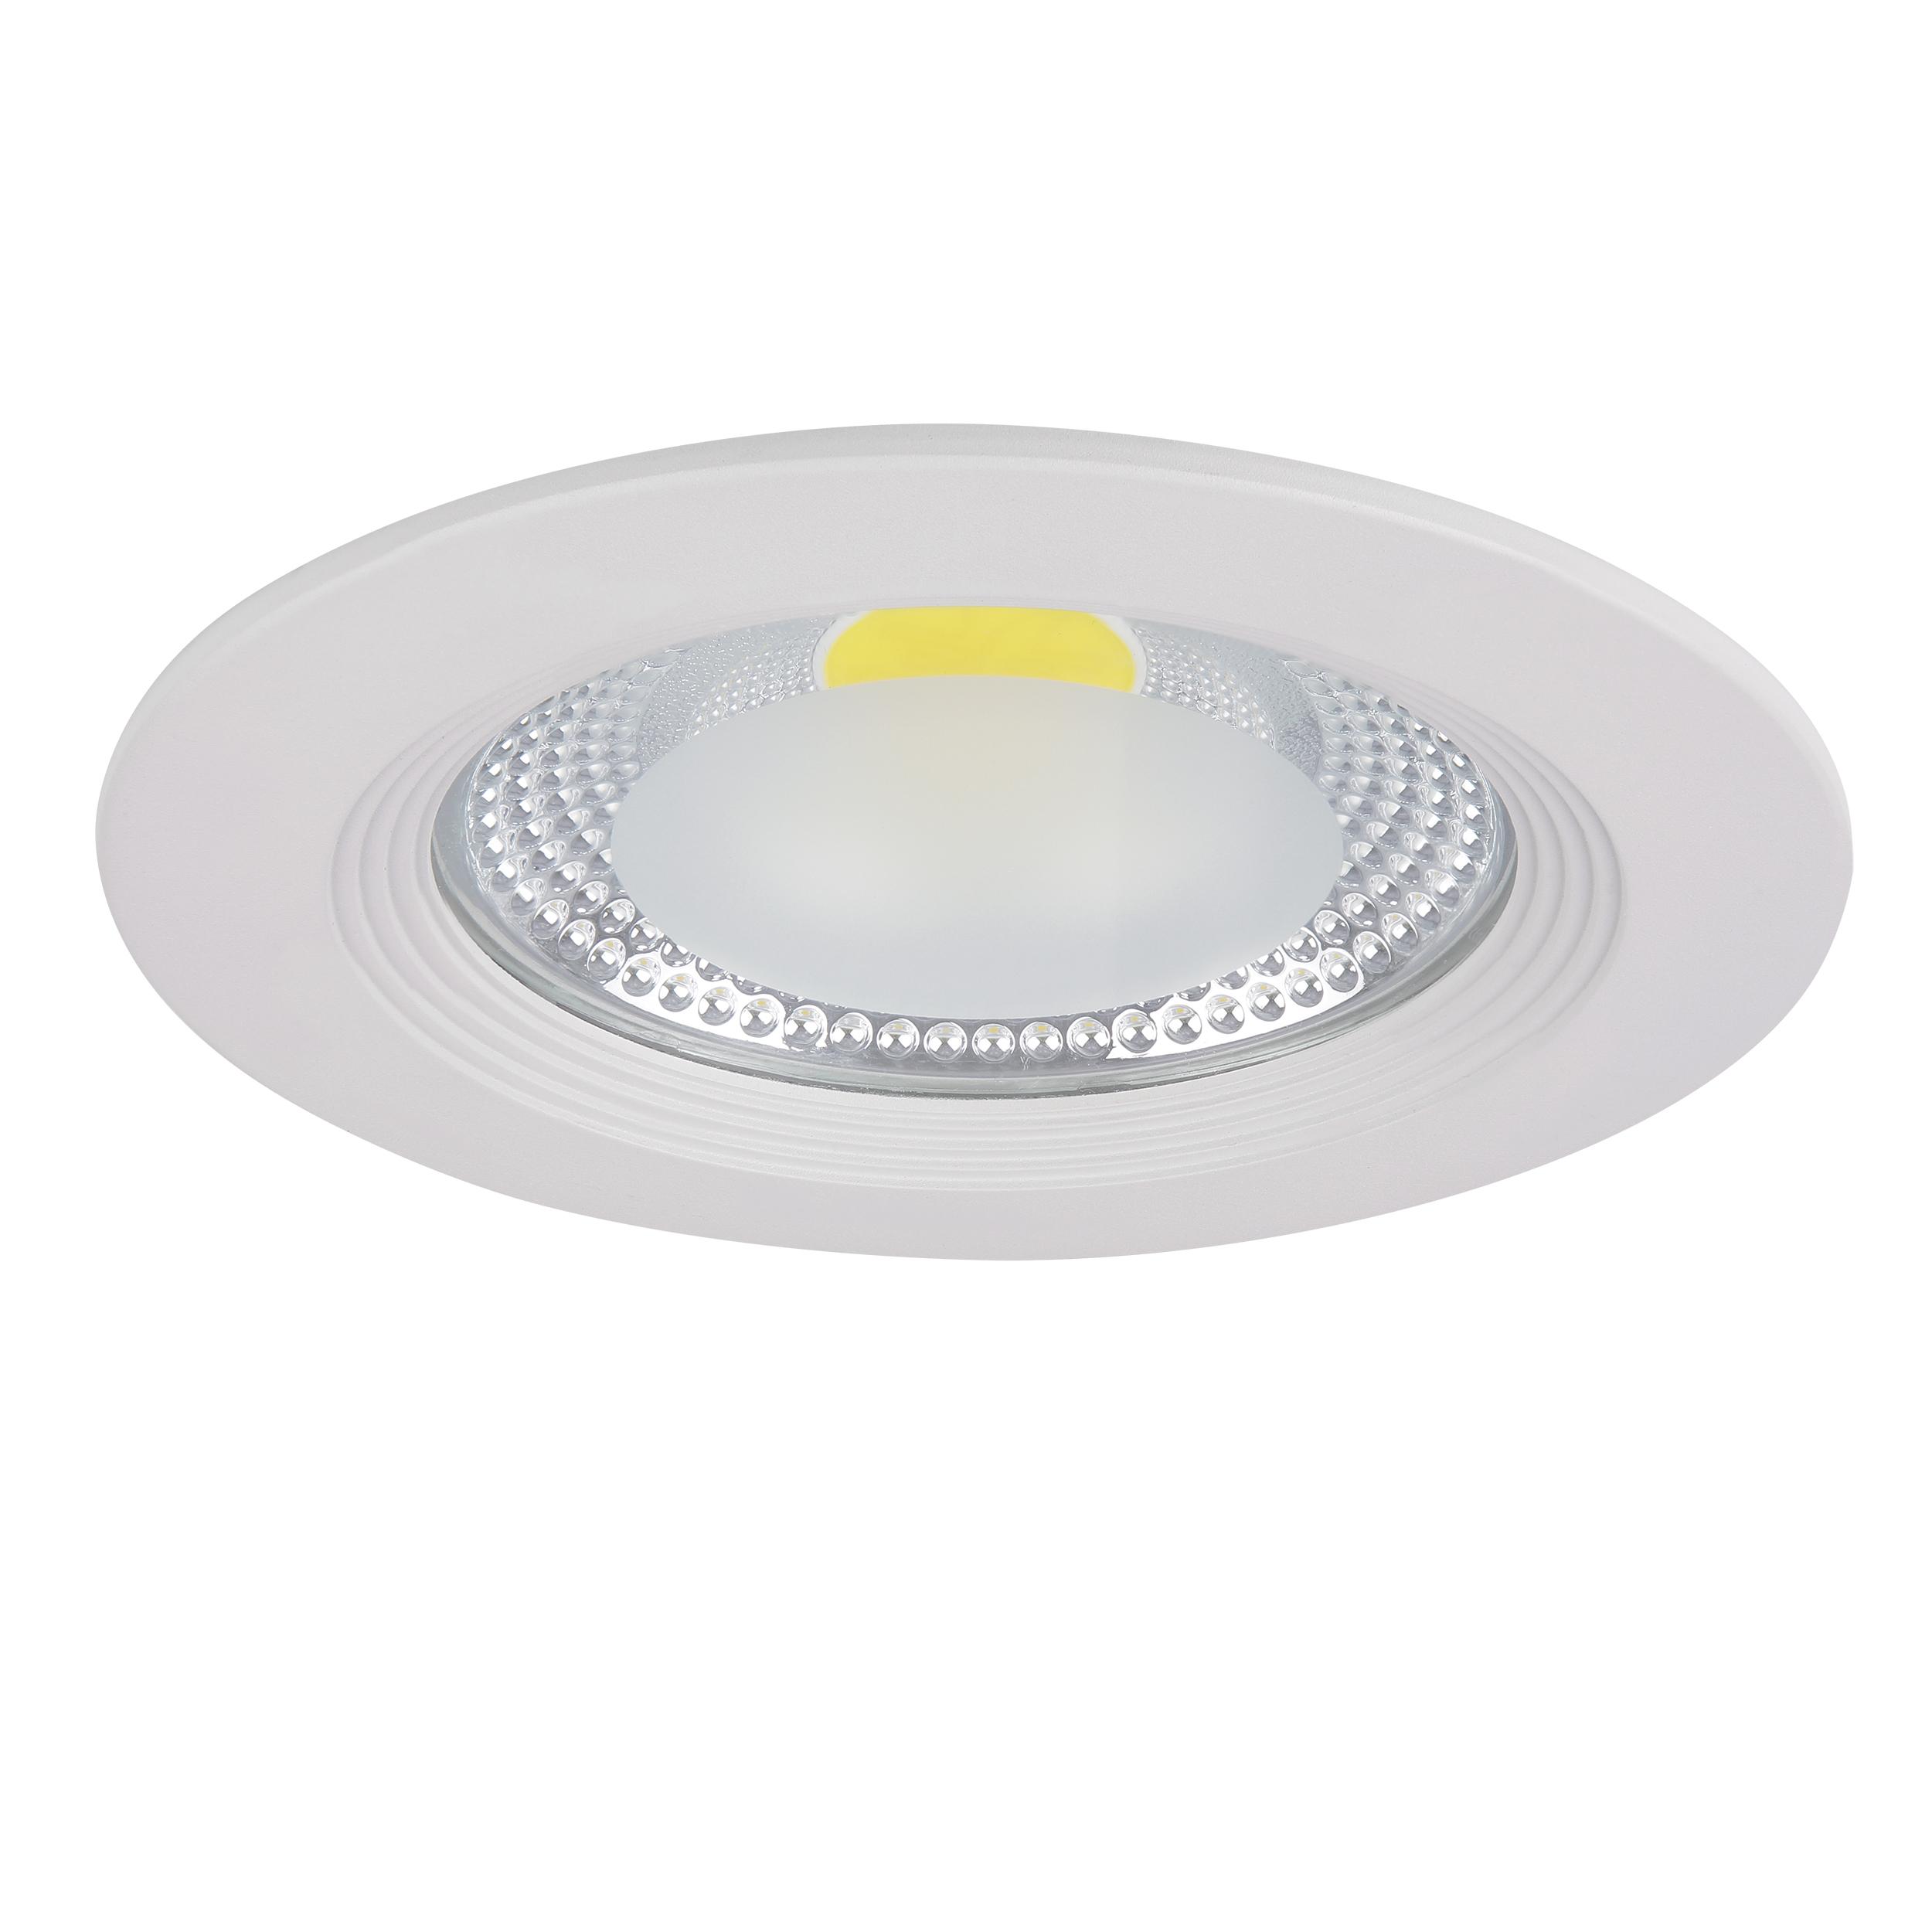 Встраиваемый светодиодный светильник Lightstar Forto 223154, IP44 4000K (дневной), белый, прозрачный, металл, стекло - фото 1